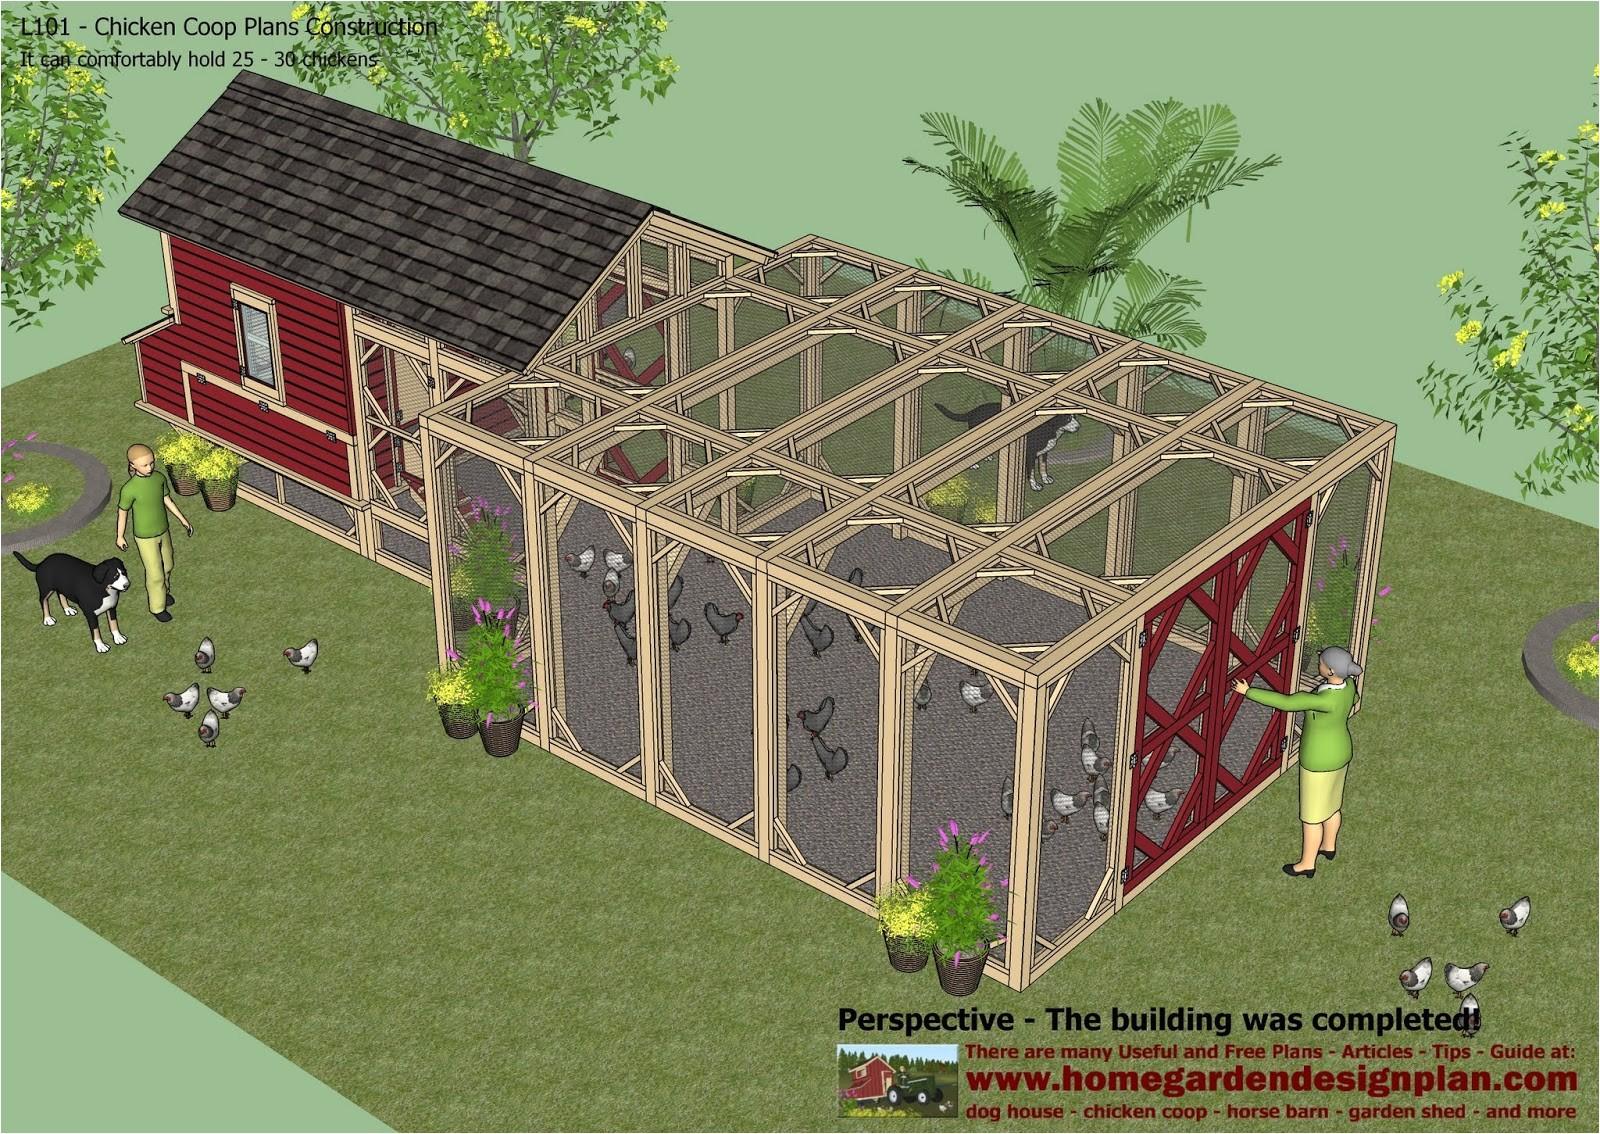 home garden plans l101 chicken coop